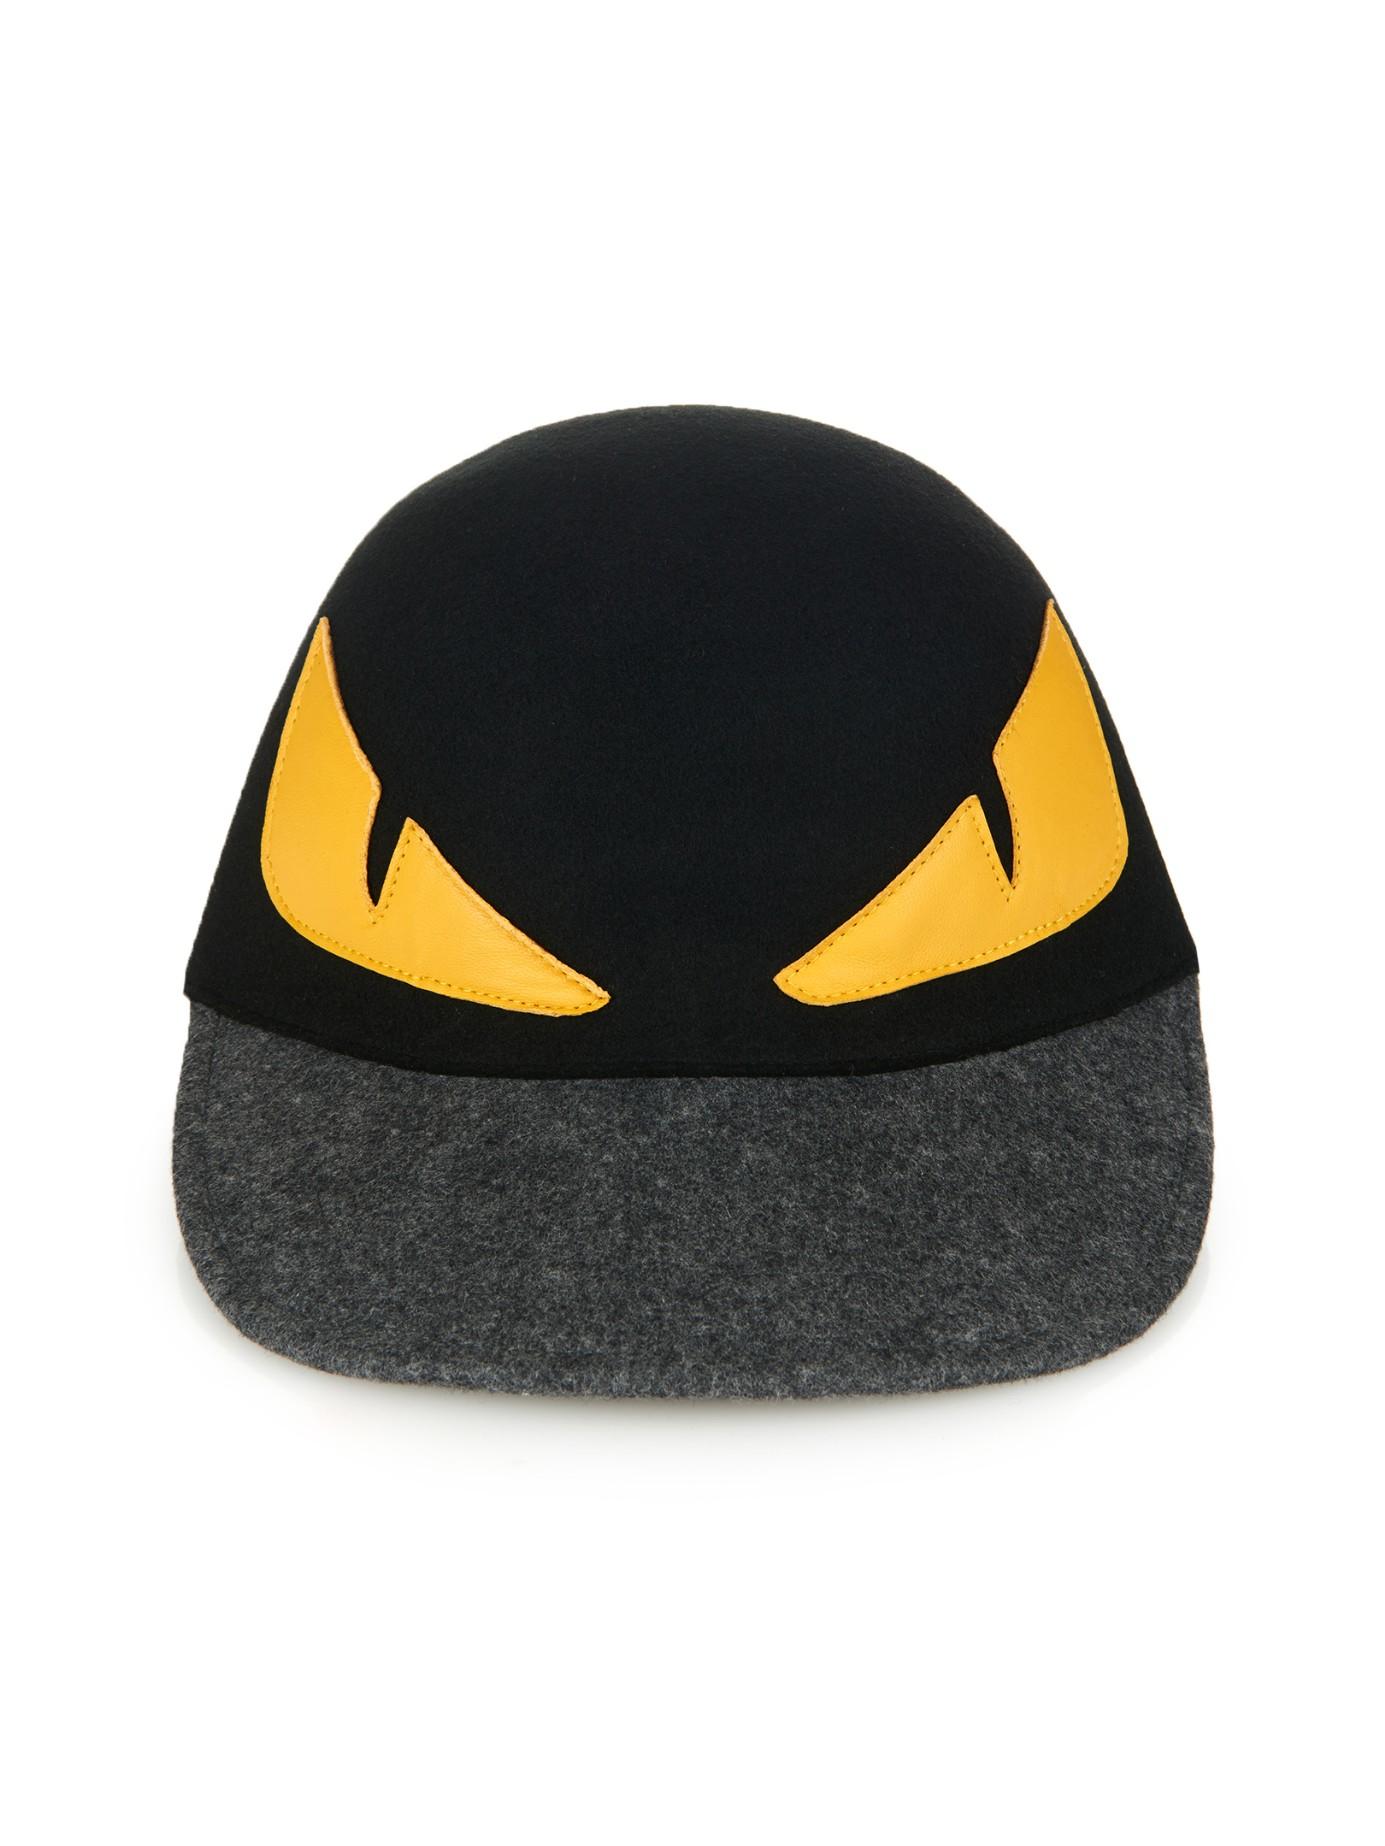 Lyst - Fendi Monster Eyes Wool-Felt Cap in Black for Men 36a821a259f